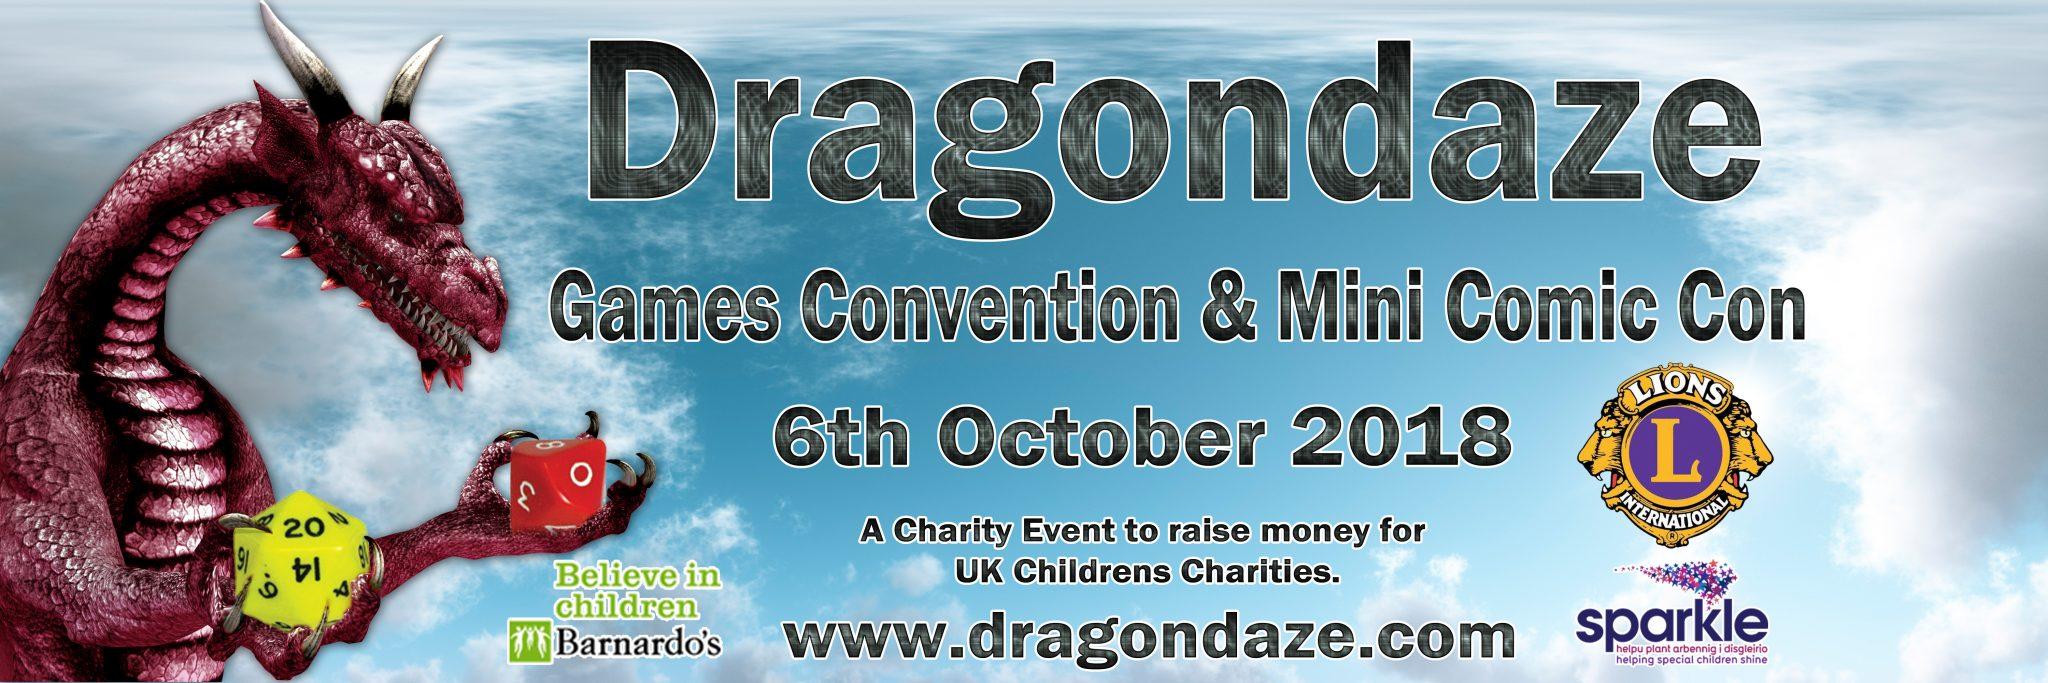 Dragondaze